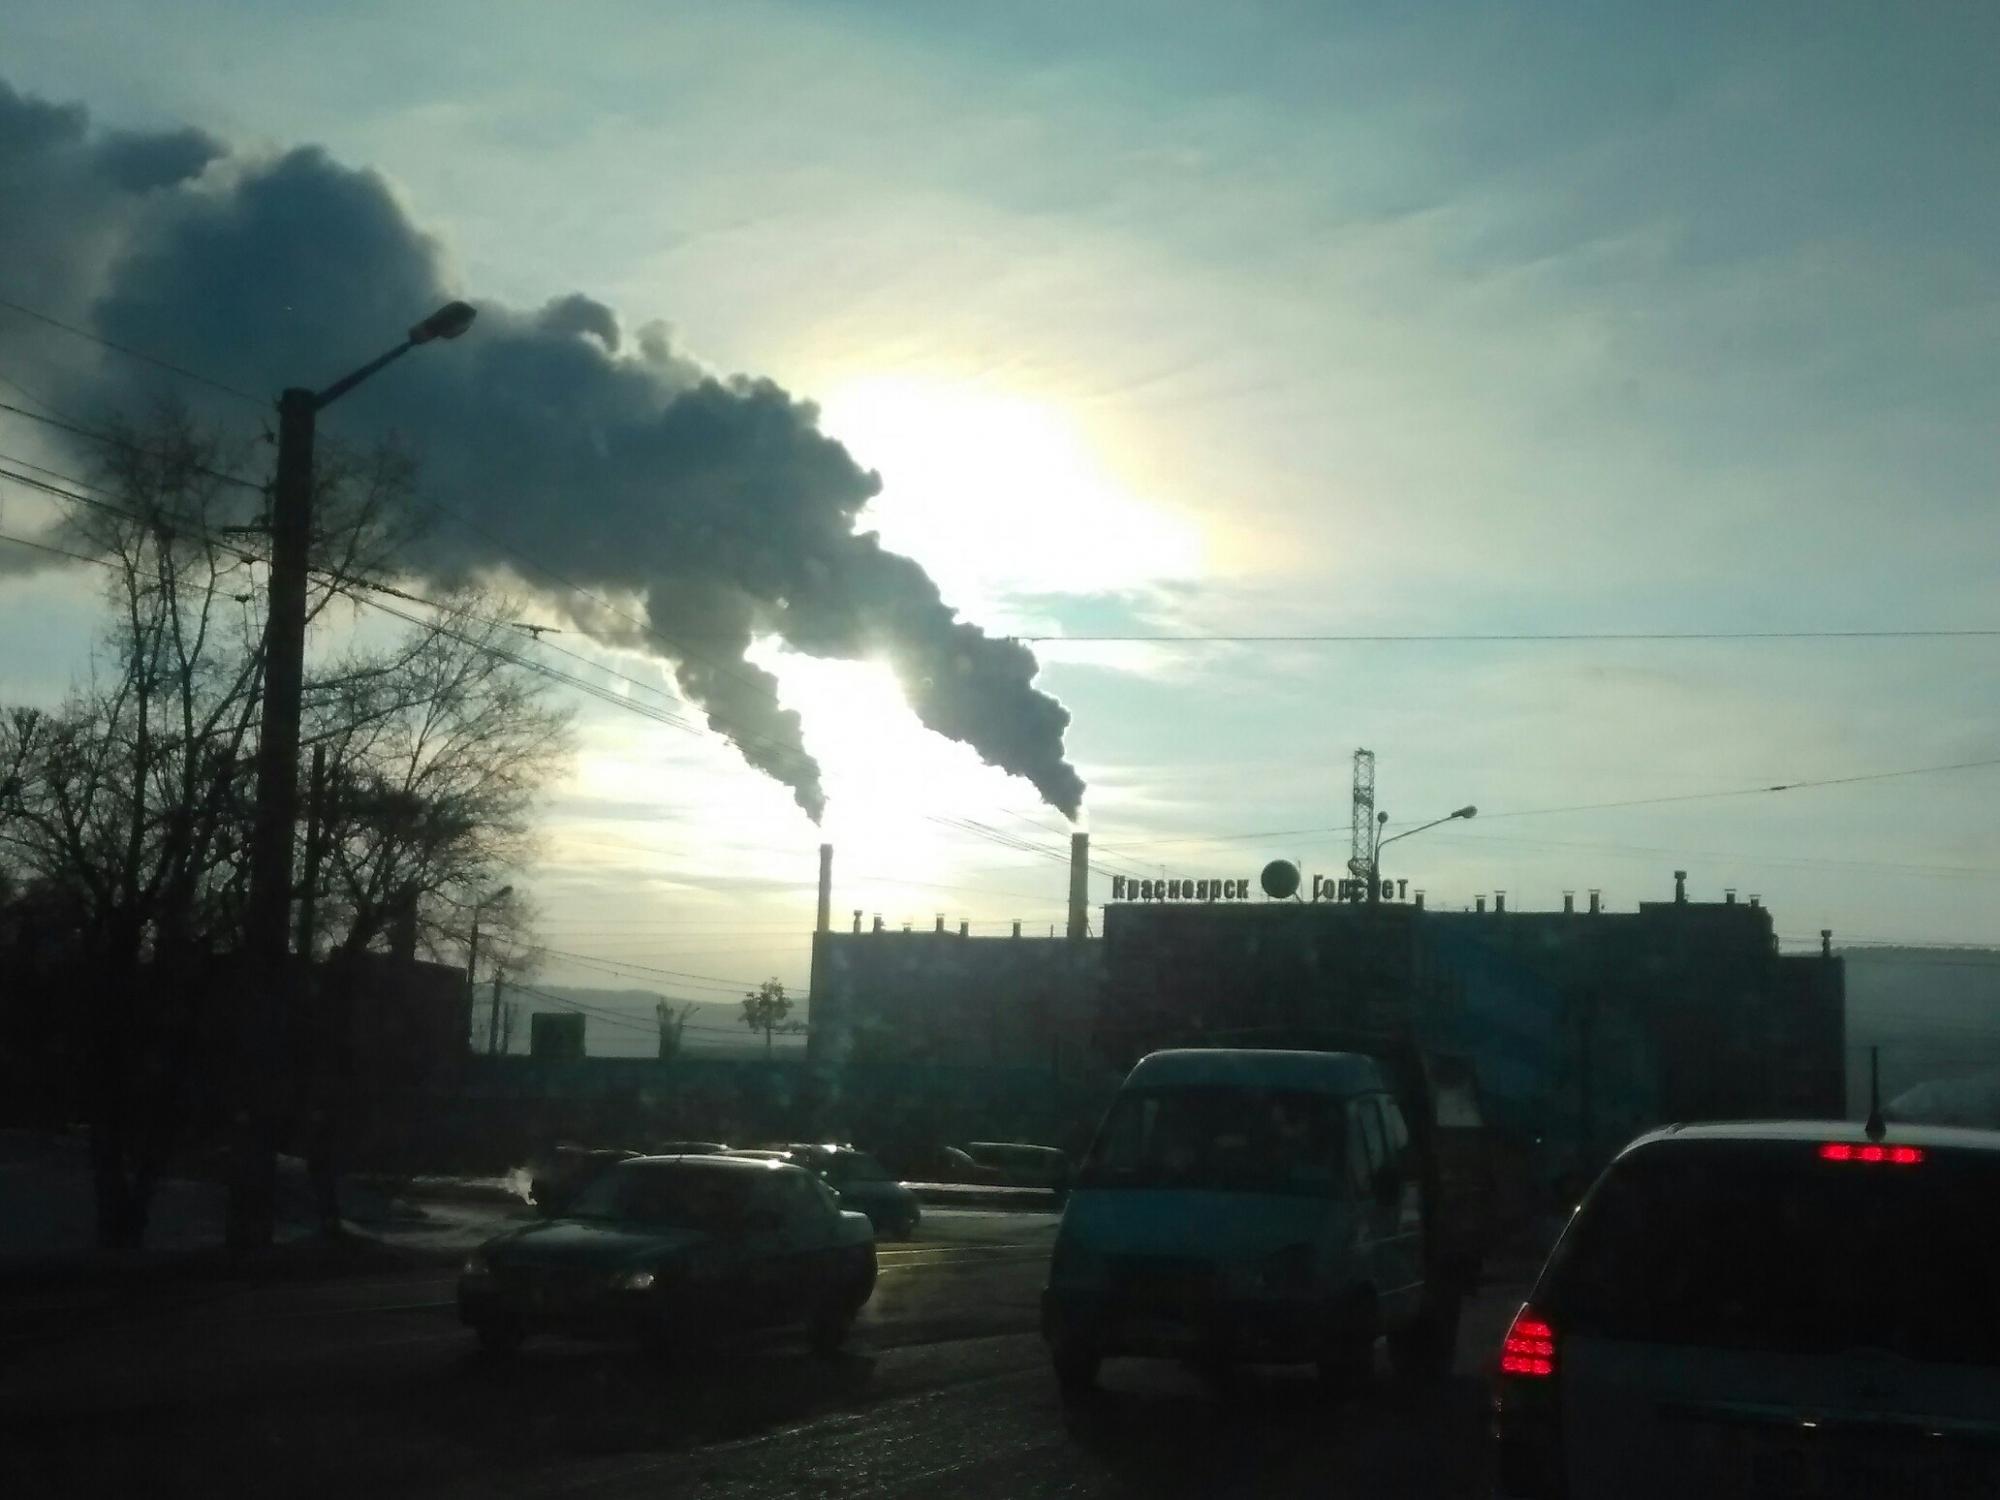 ВКрасноярске выявлено 16 источников загрязнения атмосферного воздуха